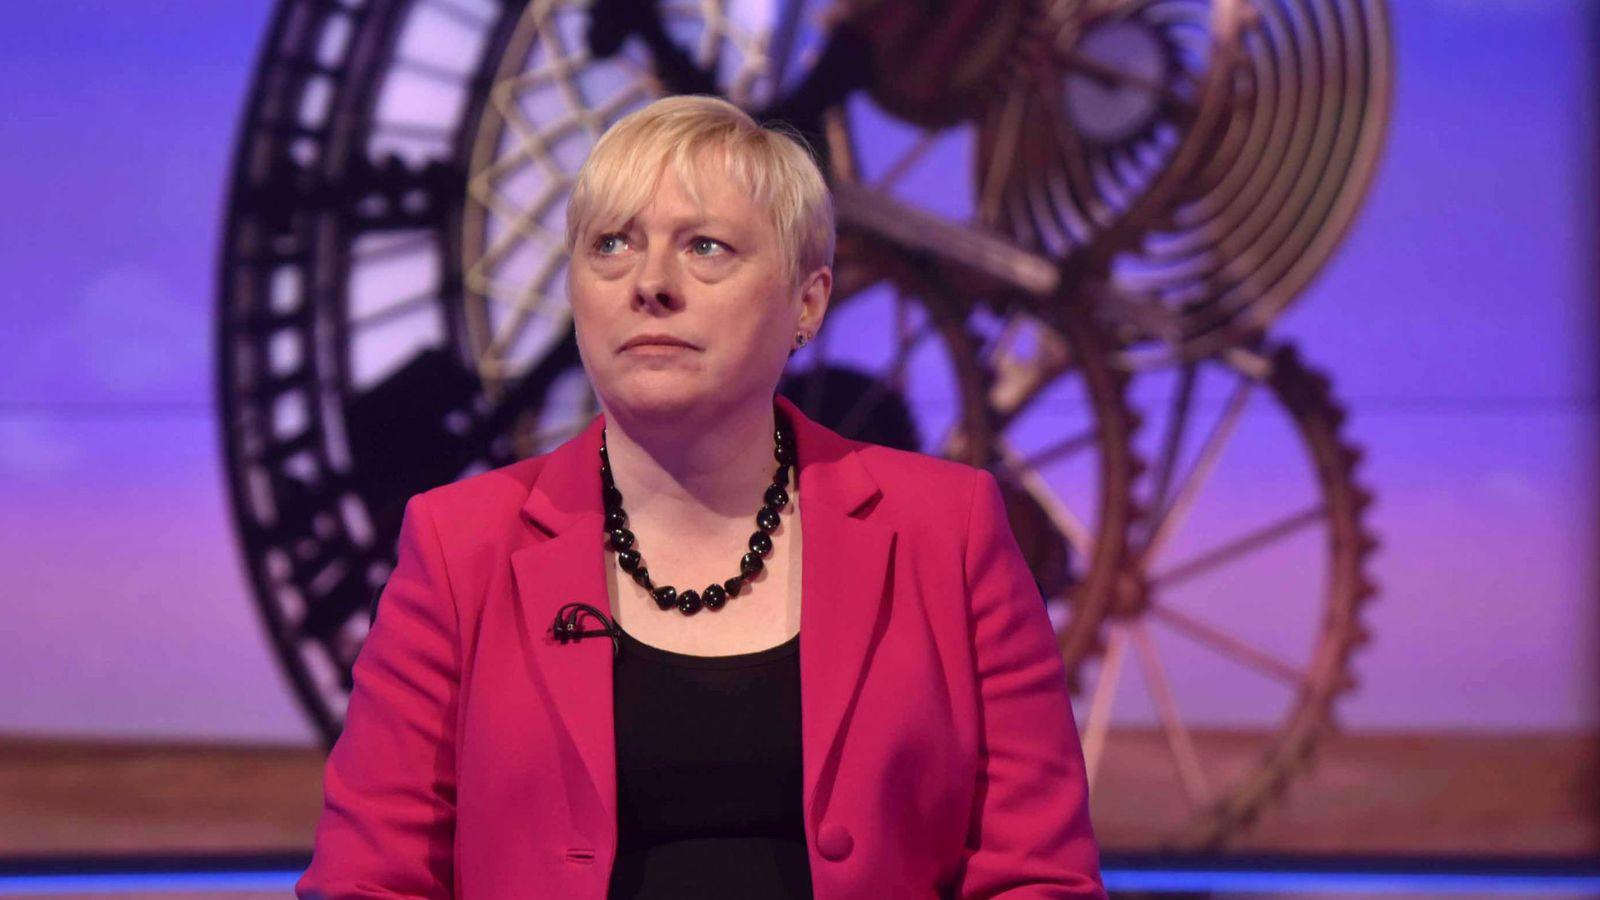 Foto: La diputada laborista británica Angela Eagle presentó hoy formalmente su candidatura para liderar el partido. (Reuters)